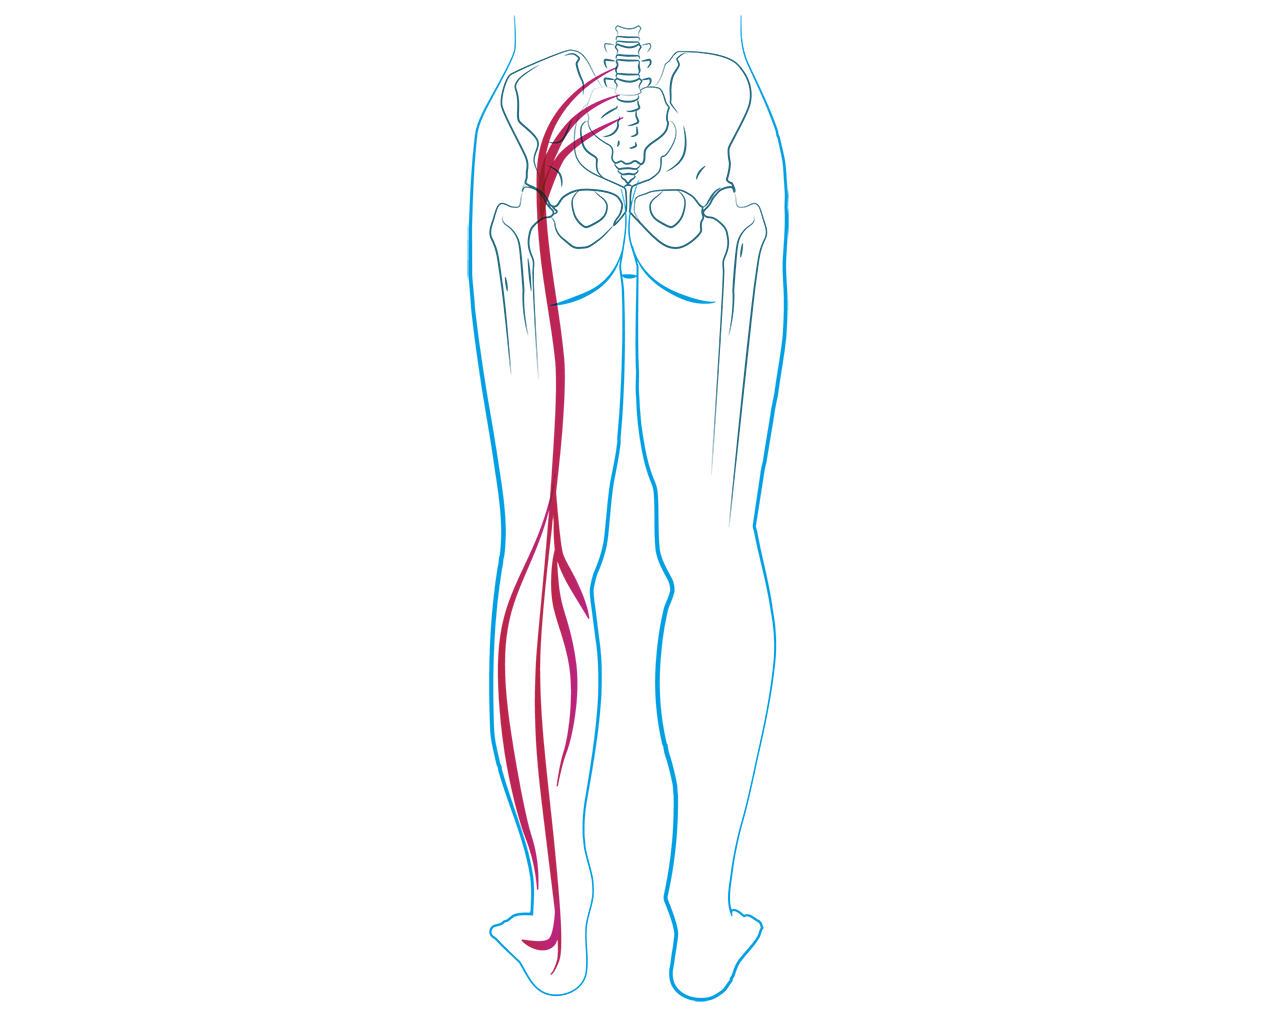 przyczyny objawy leczenie rwy kulszowej